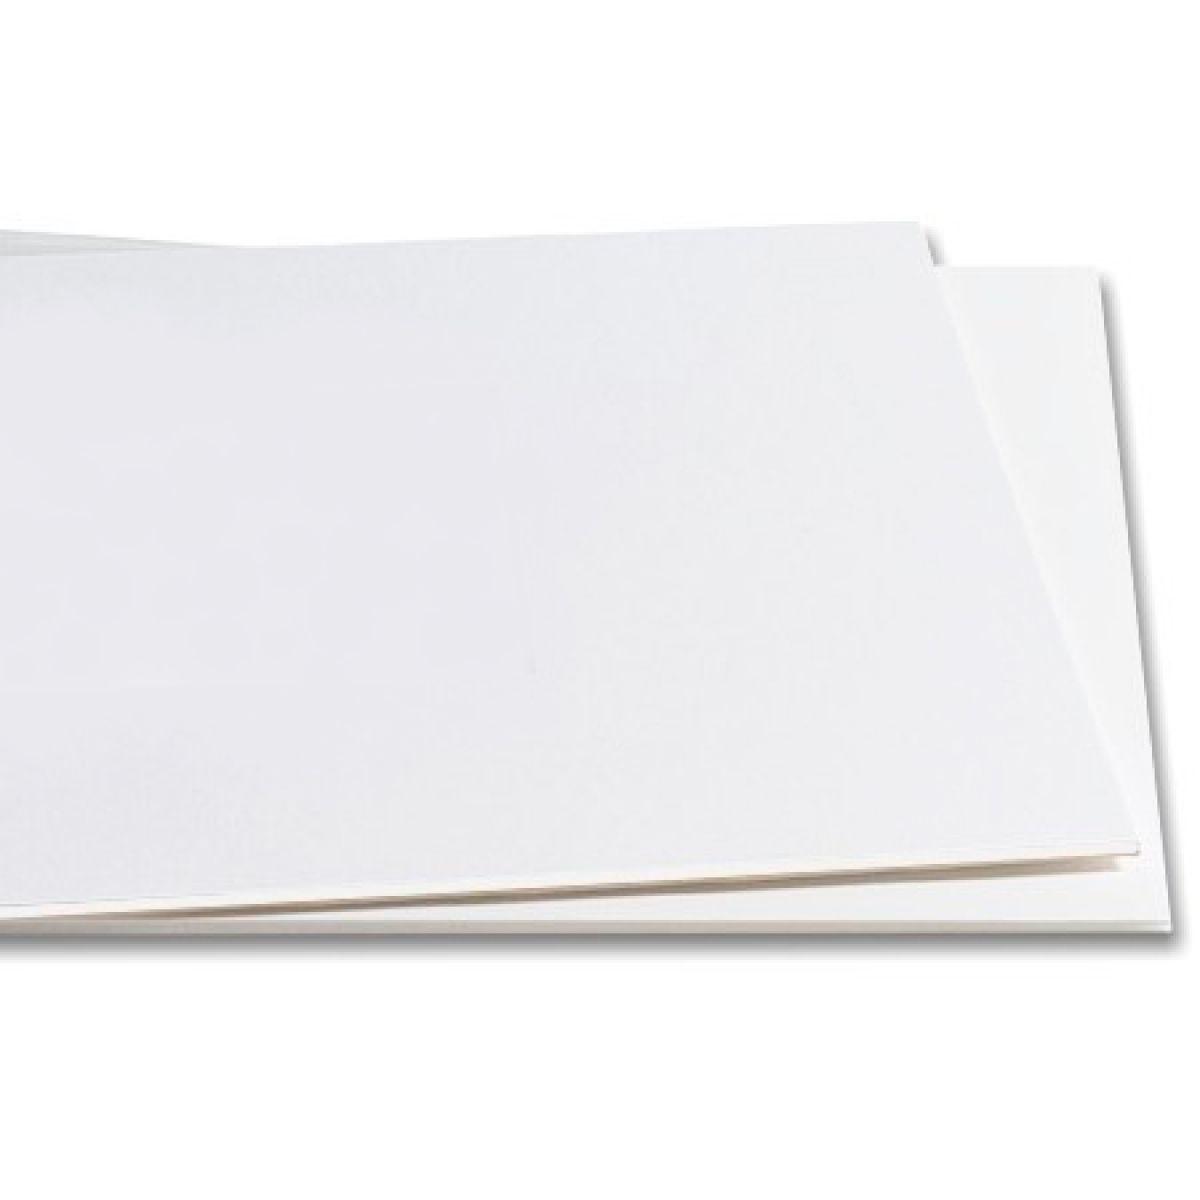 Papel Couche Brilho 150g A4 Embalagem Com 10 Folhas Phandora